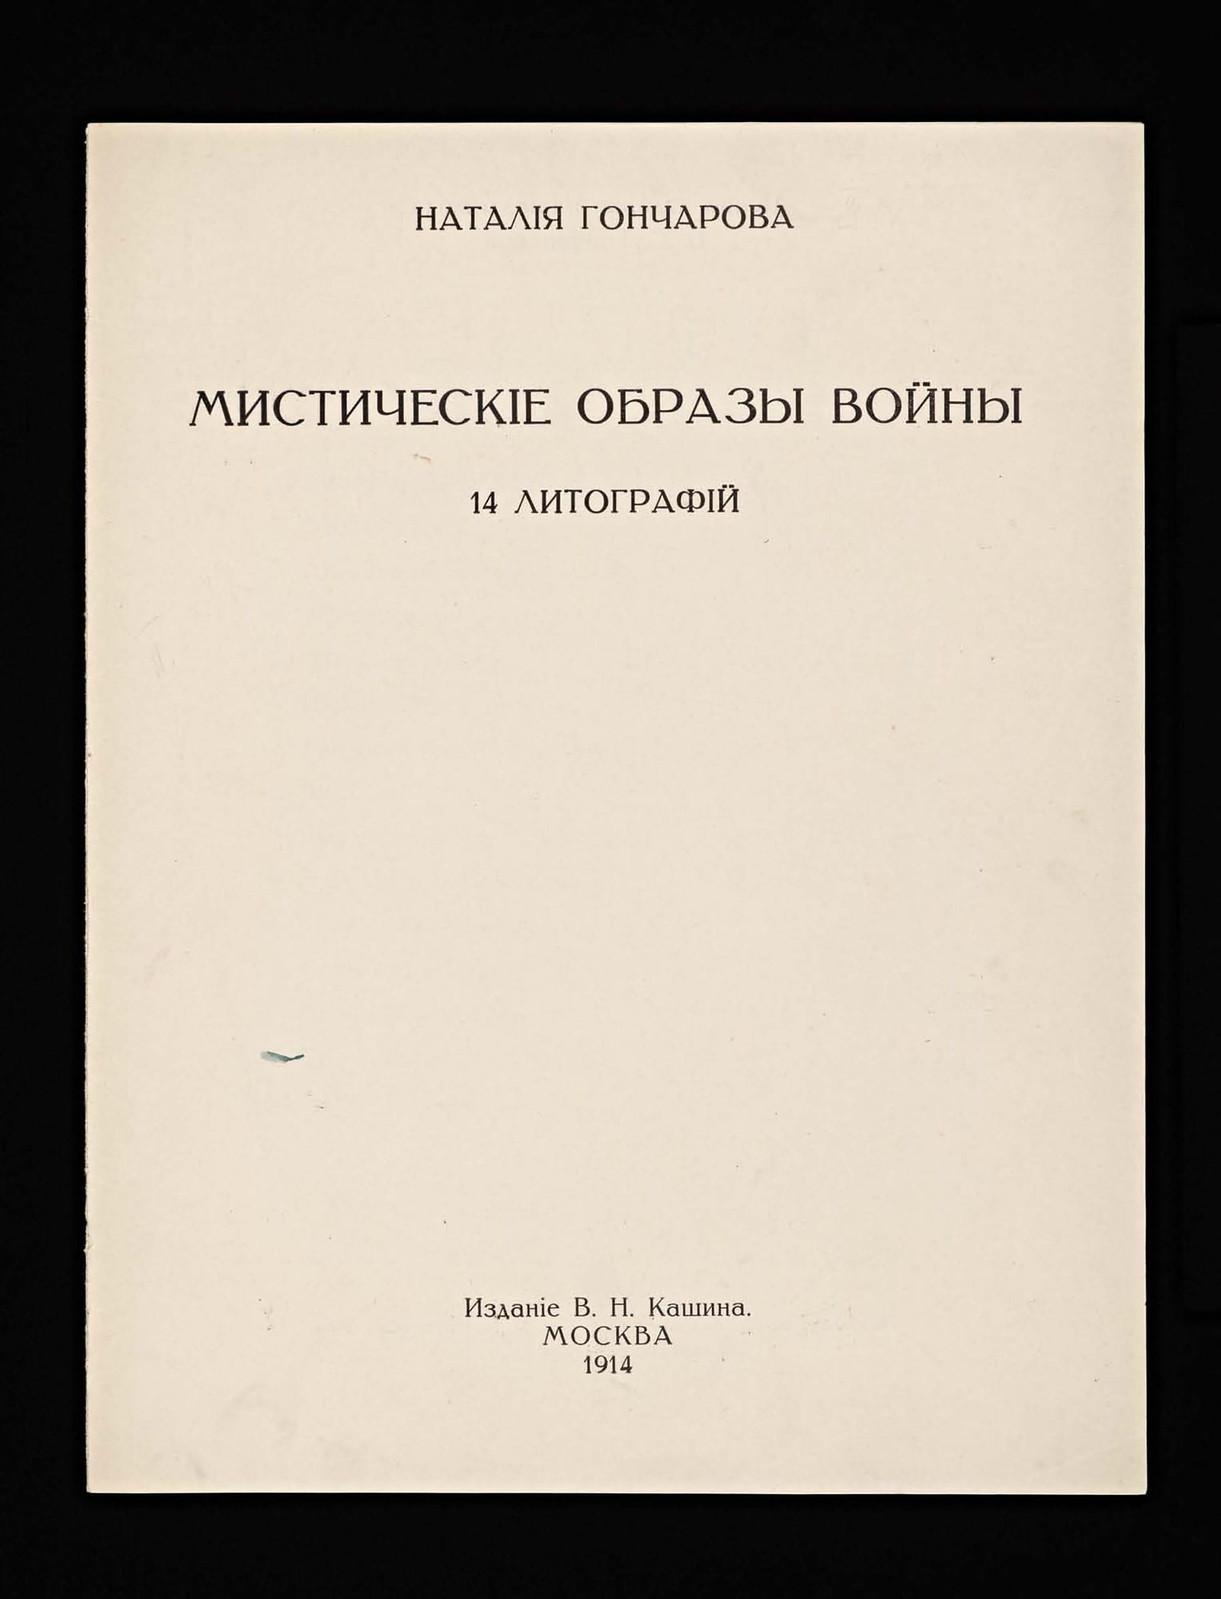 1914. Мистические образы войны 14 литографий-02